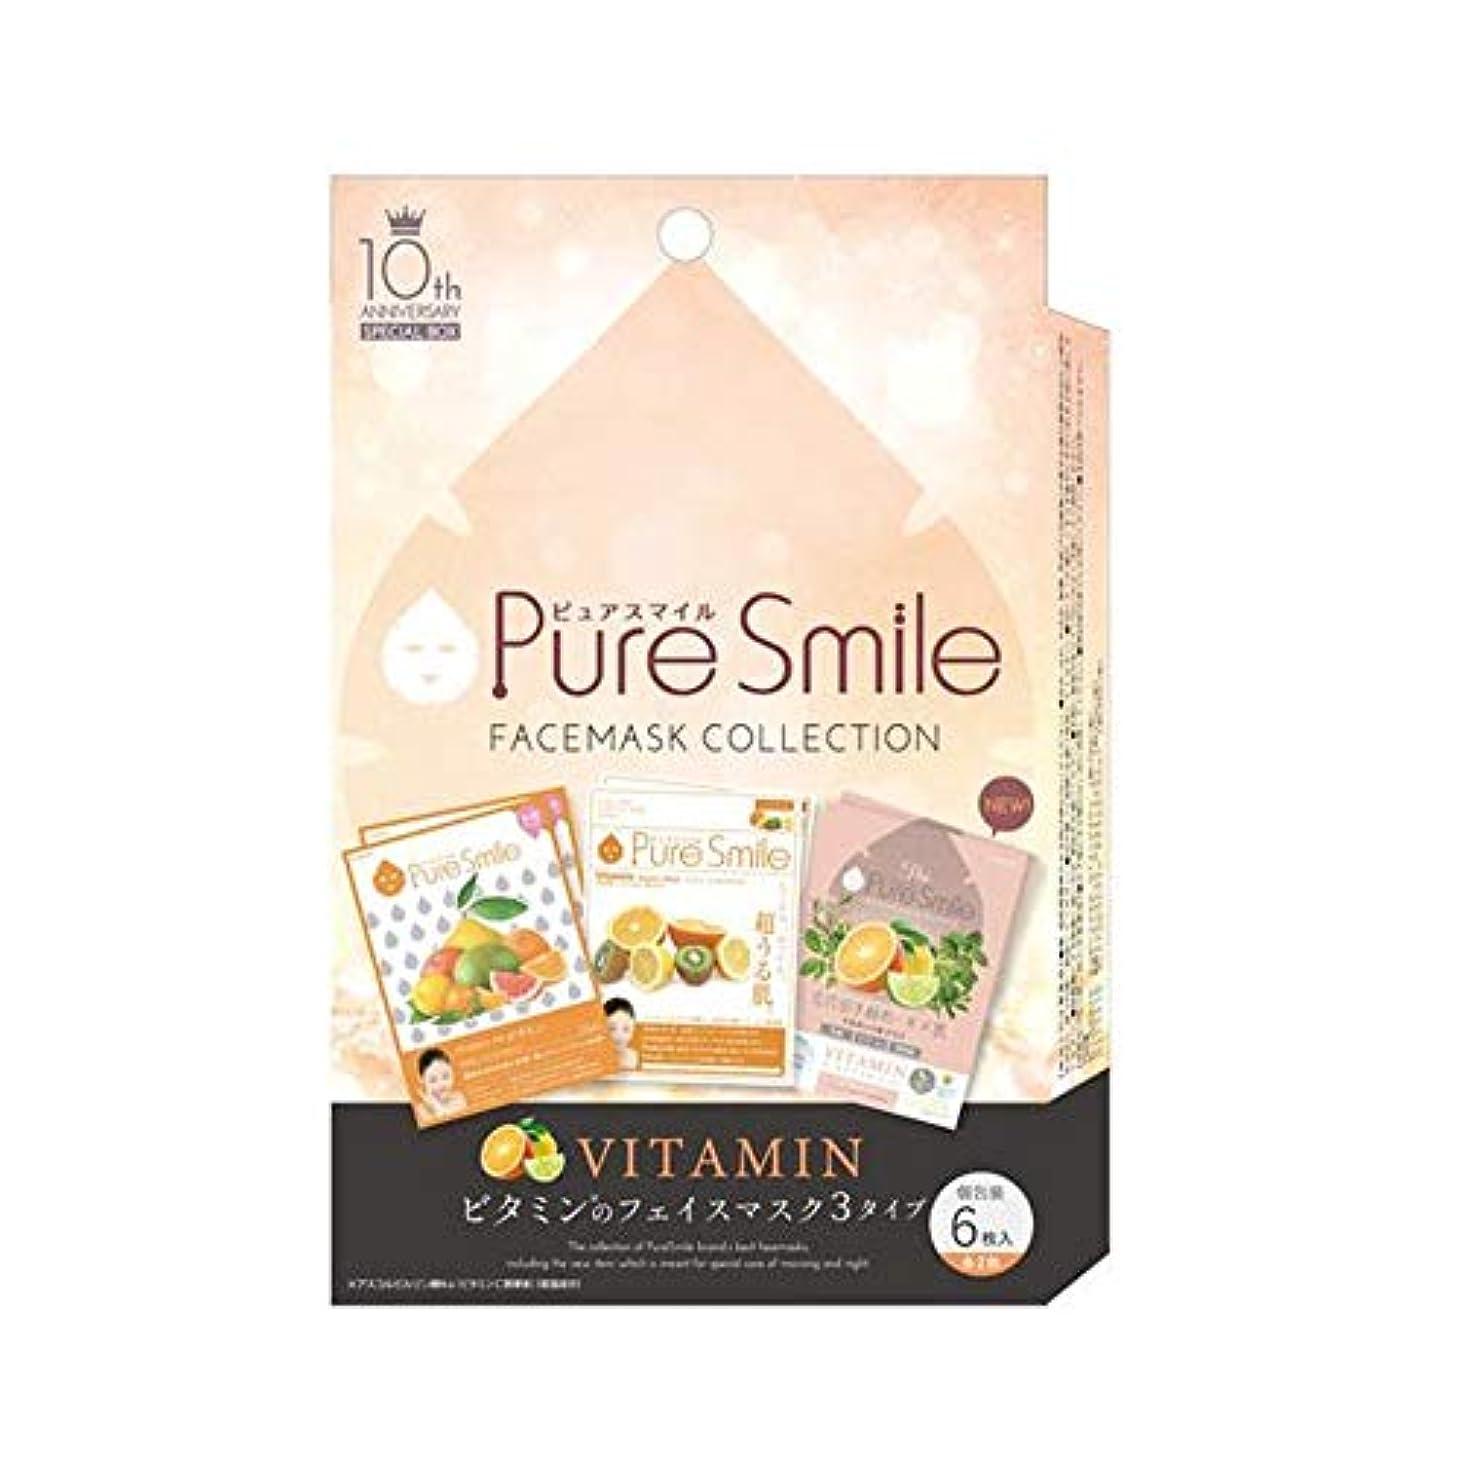 自分のクローゼットスナッチピュア スマイル Pure Smile 10thアニバーサリー スペシャルボックス ビタミン 6枚入り